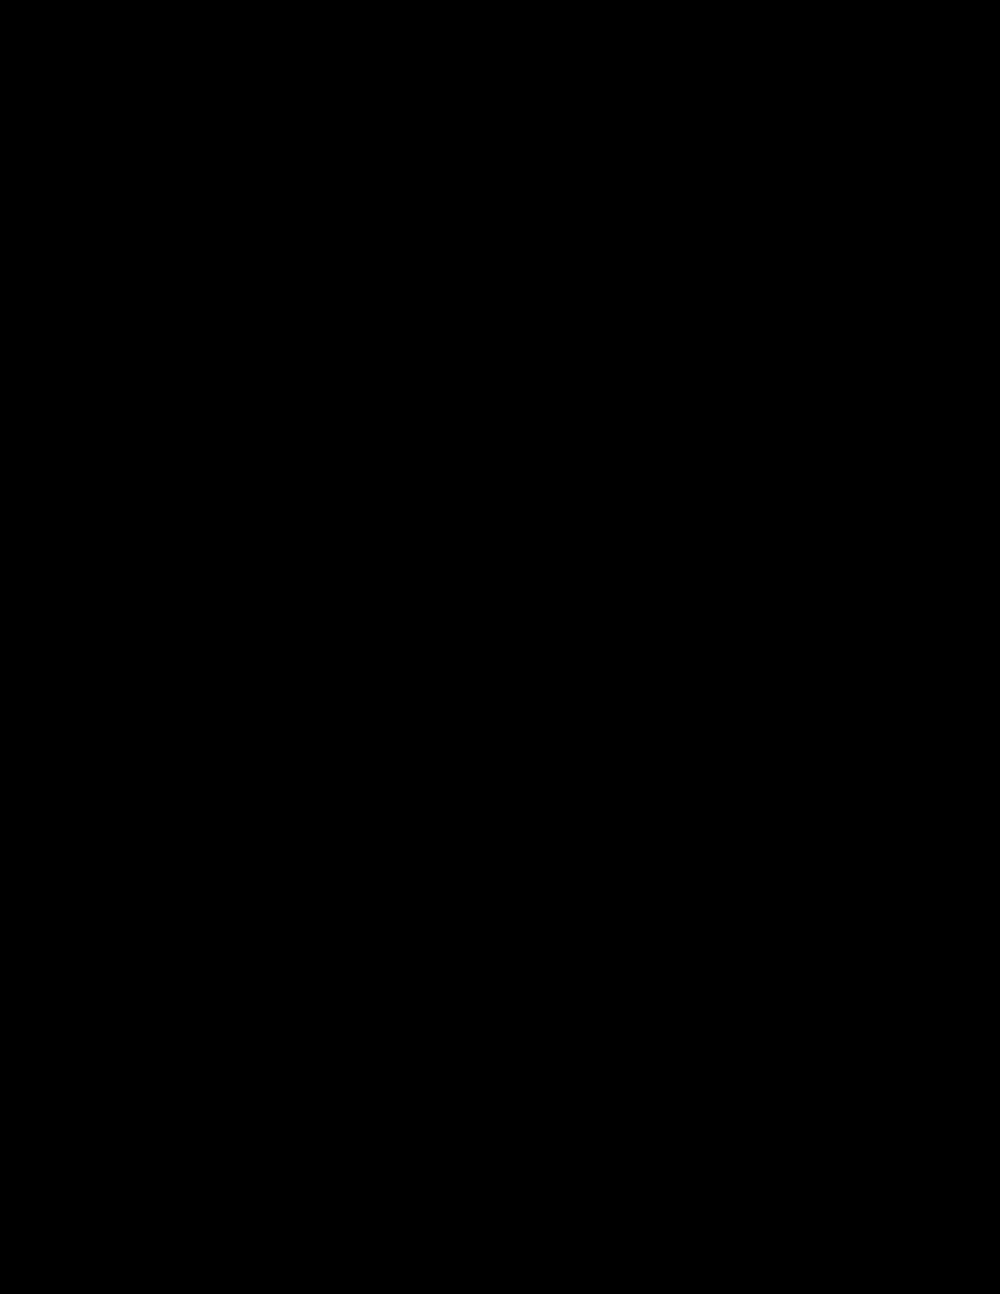 c4ae50f5d68a0d3d9c40633d027c255d-2.png